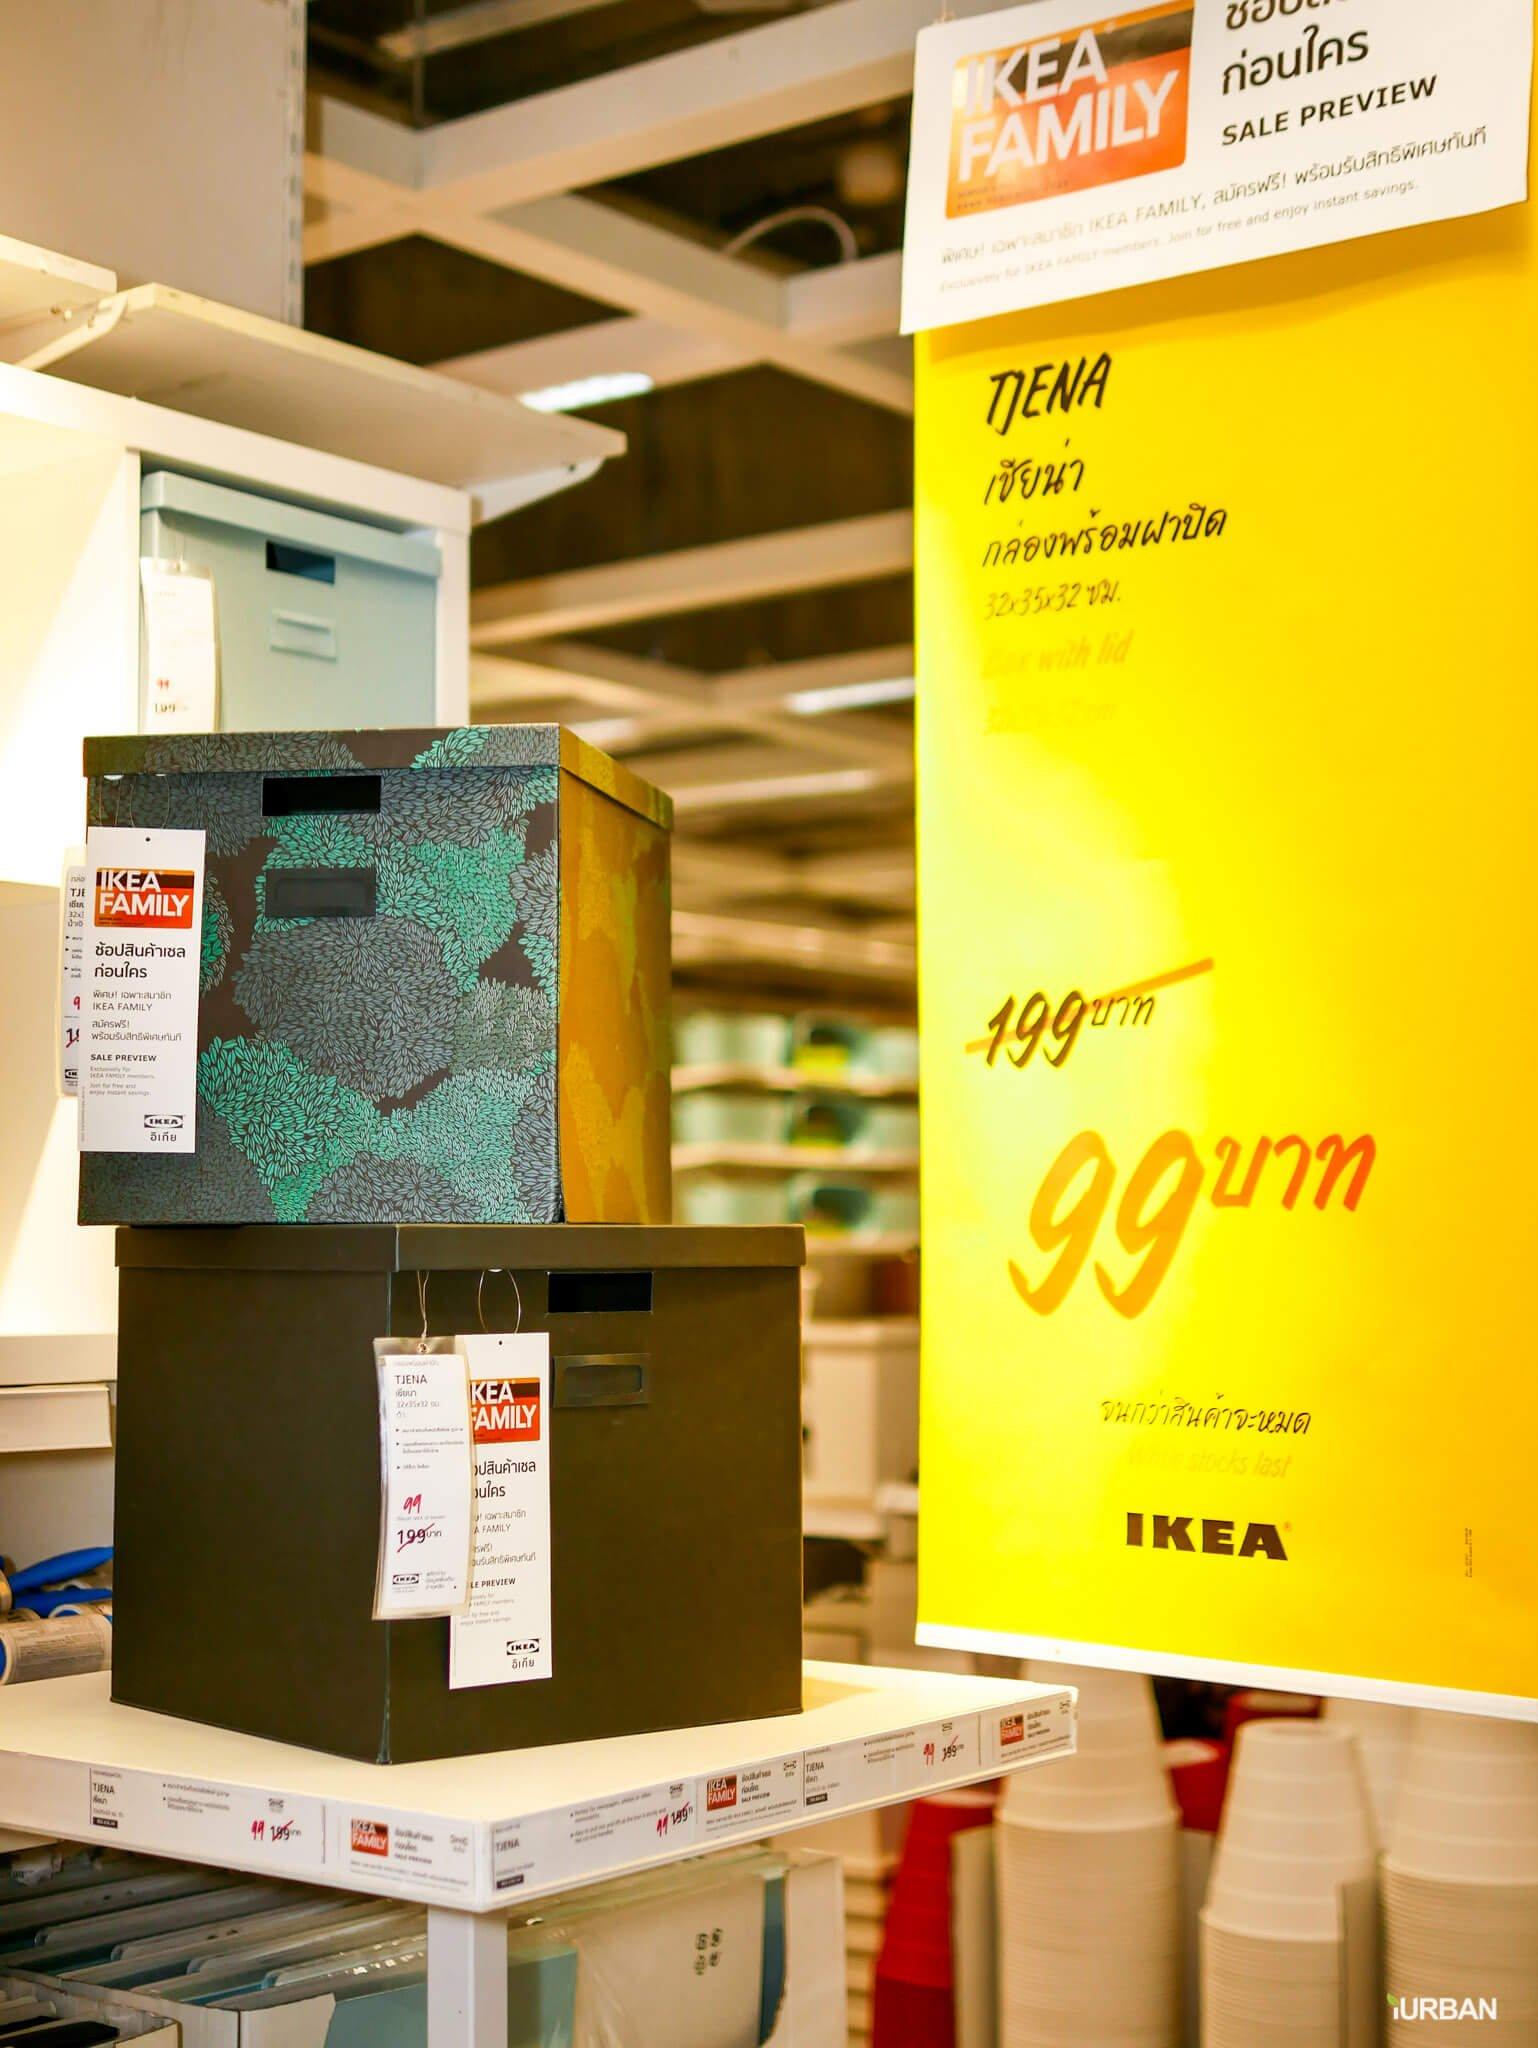 มันเยอะมากกกก!! IKEA Year End SALE 2017 รวมของเซลในอิเกีย ลดเยอะ ลดแหลก รีบพุ่งตัวไป วันนี้ - 7 มกราคม 61 167 - IKEA (อิเกีย)